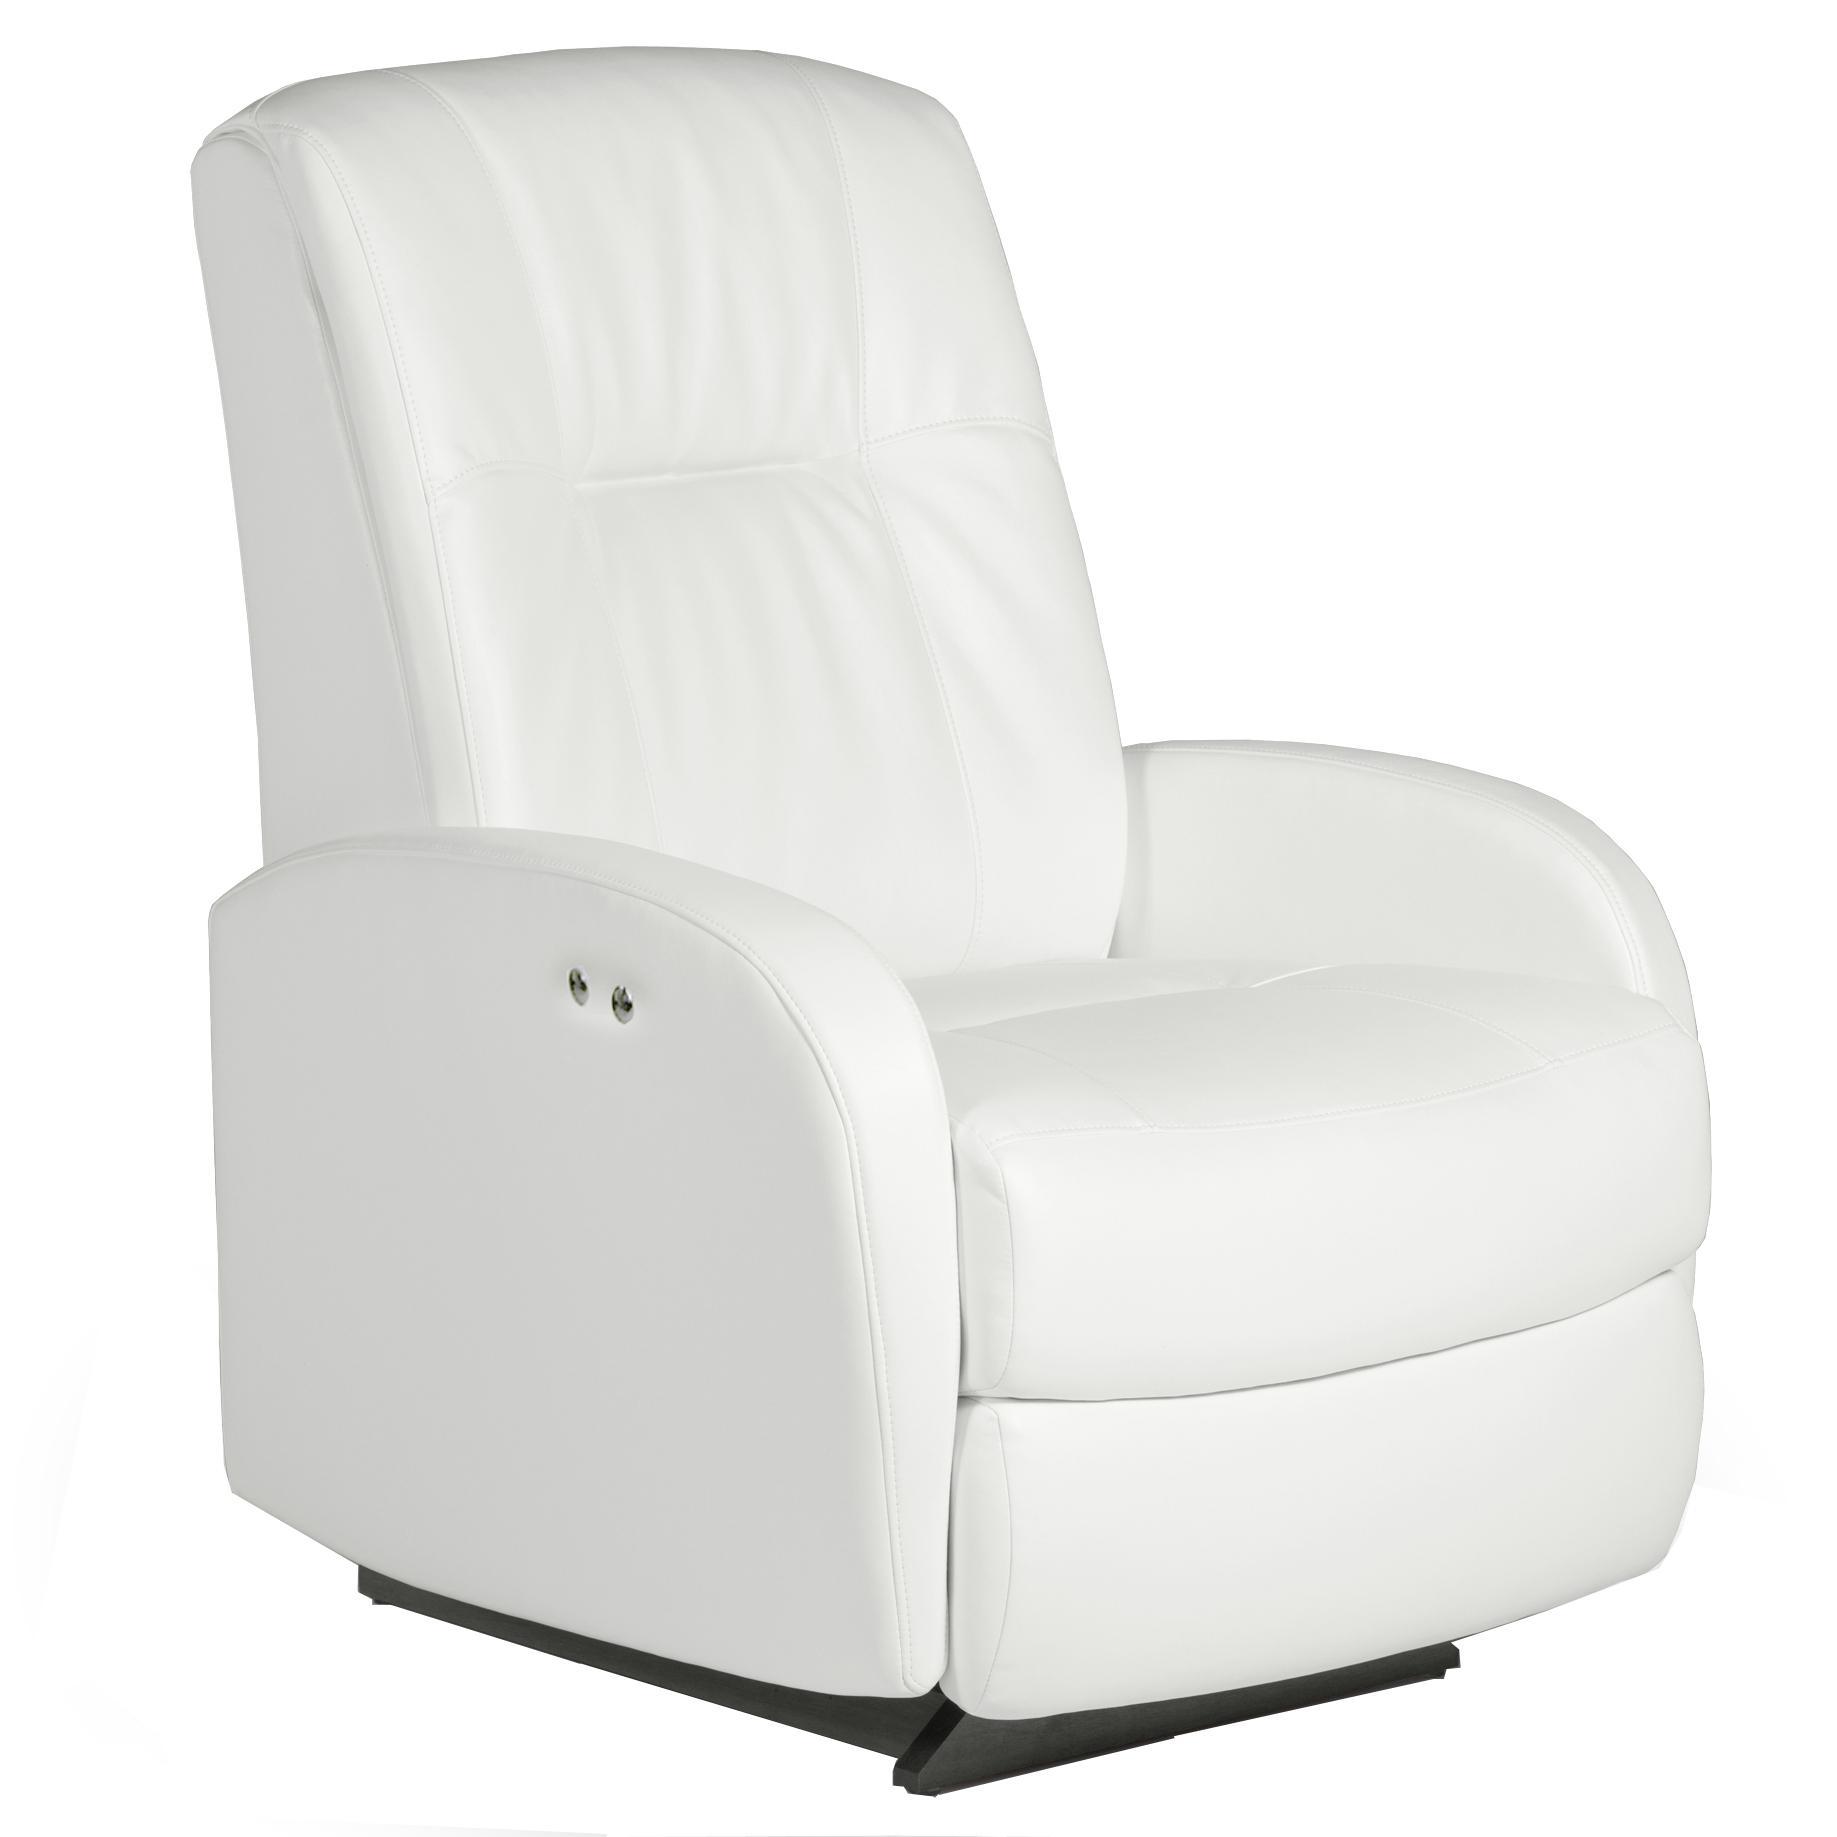 swivel rocker recliner best home furnishings recliners - petite ruddick swivel glider recliner - BEFBSEQ